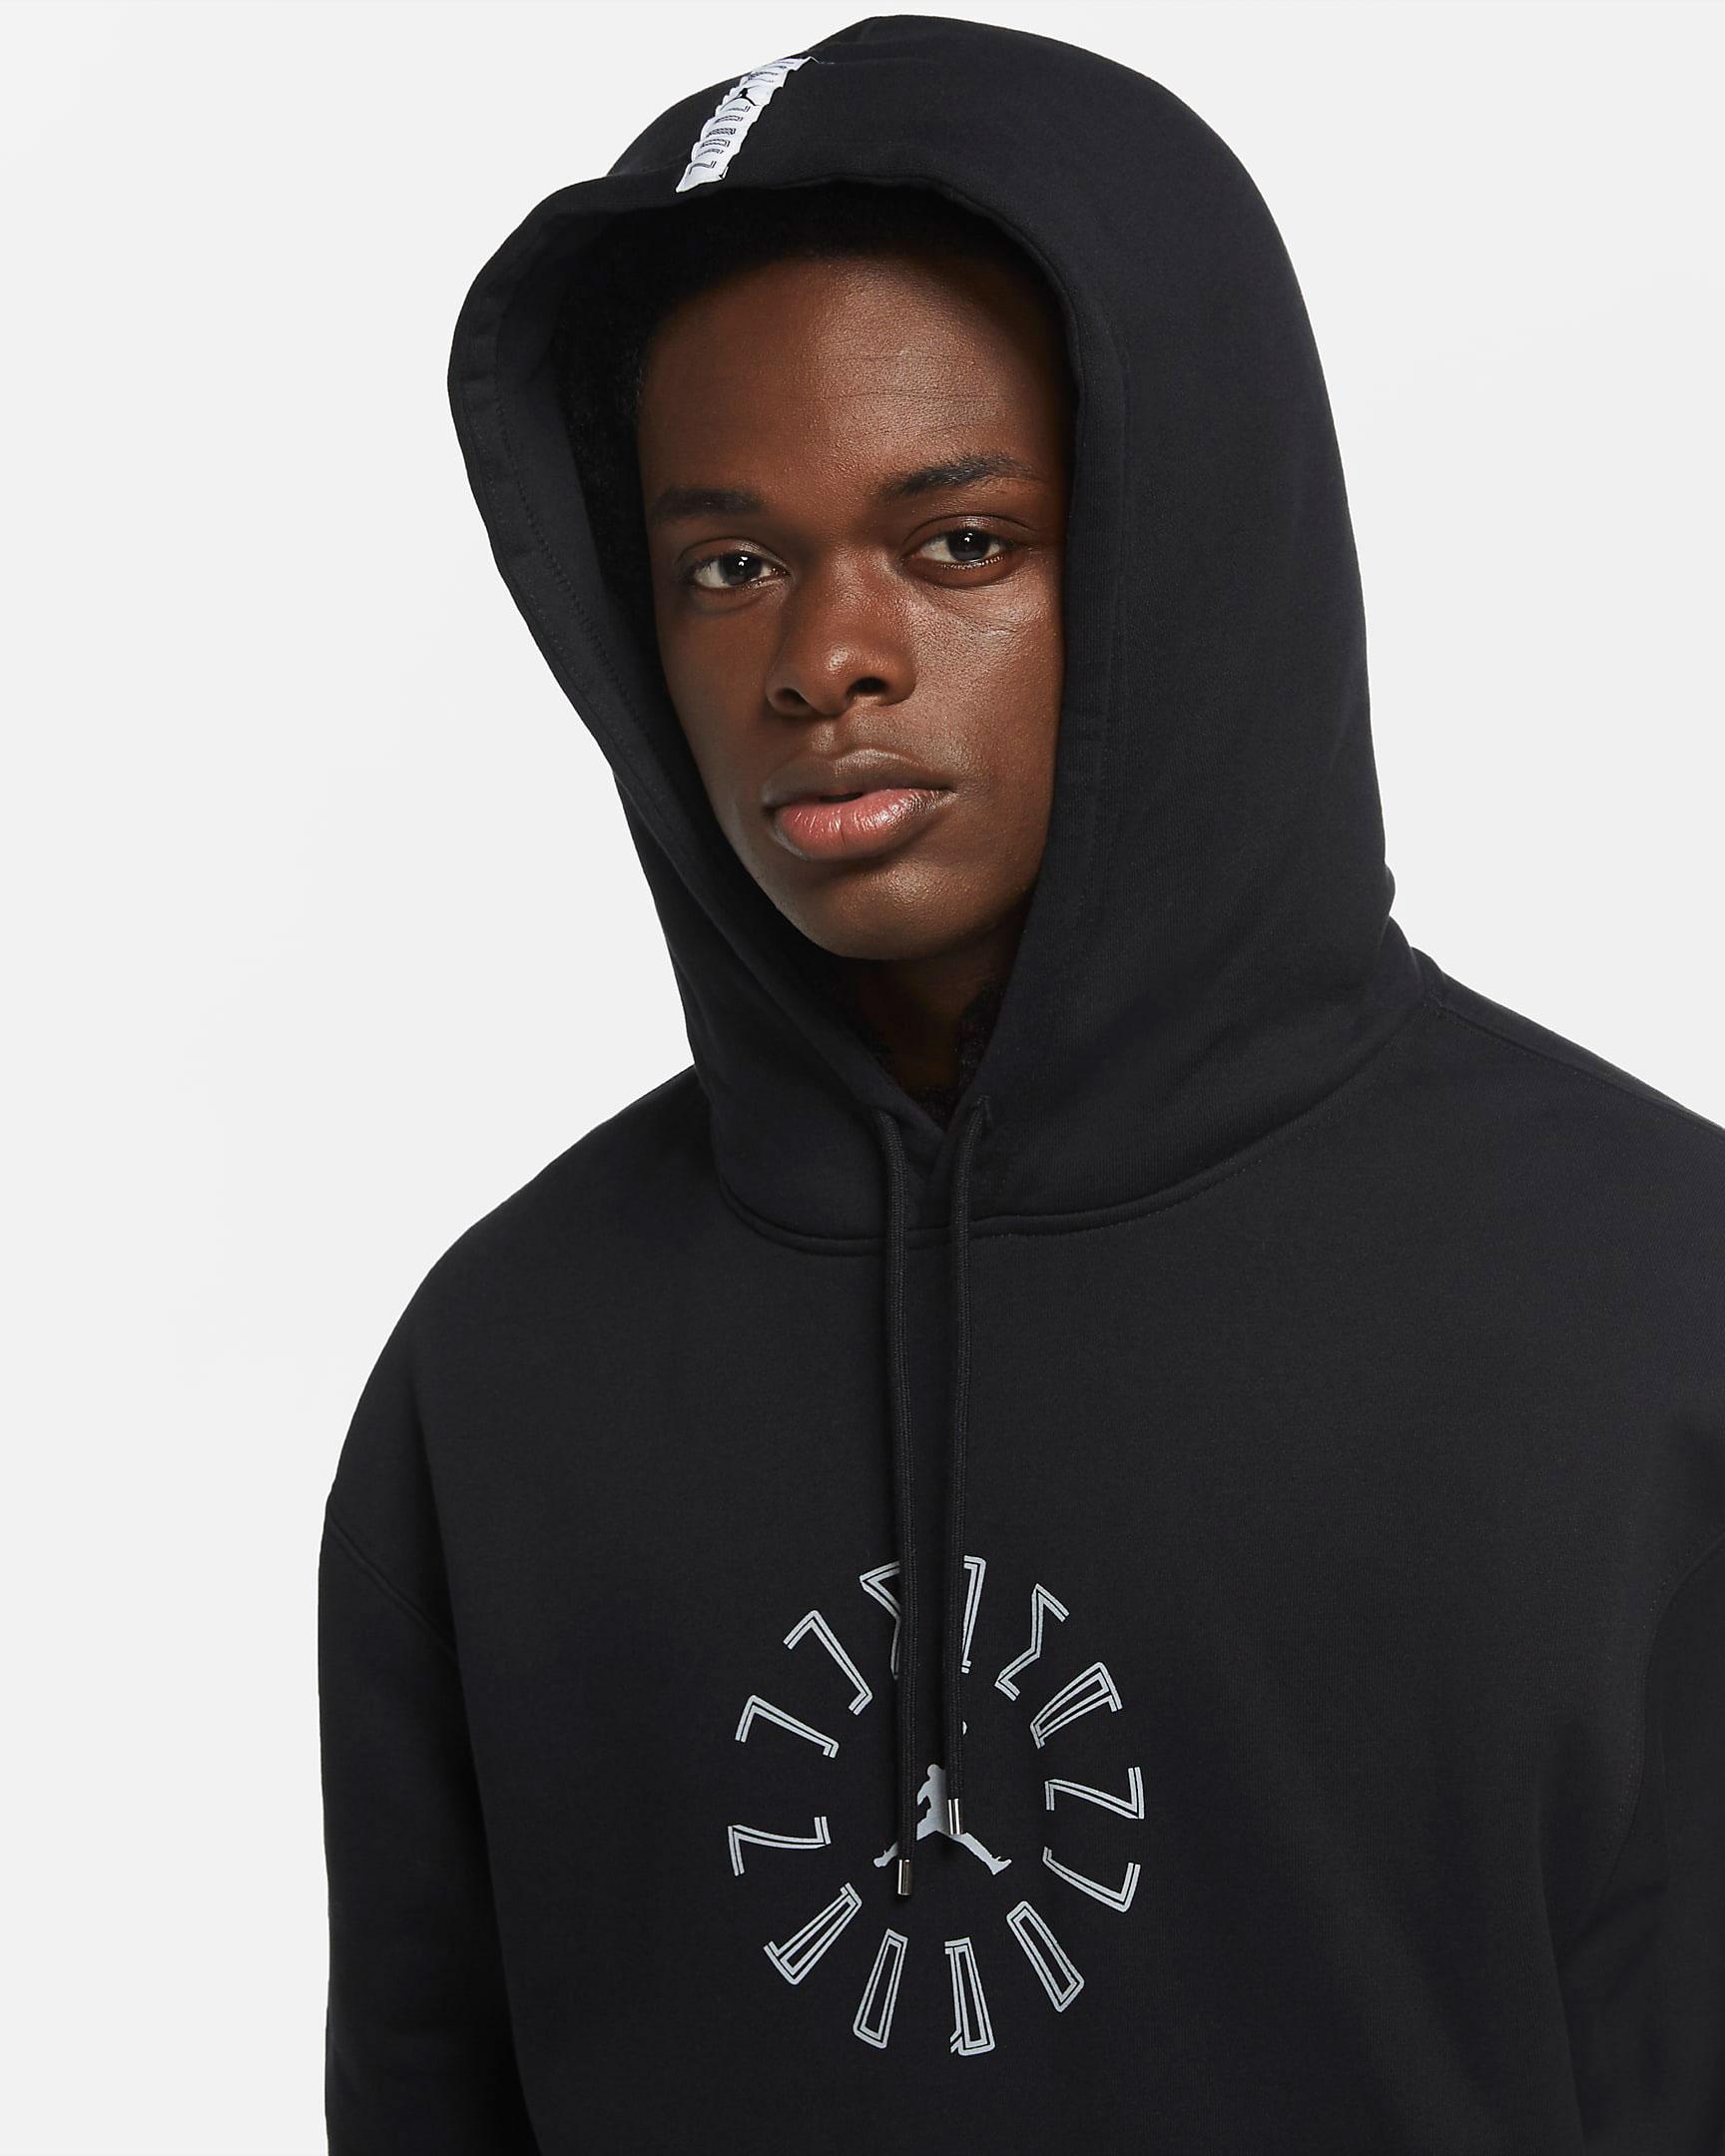 air-jordan-11-jubilee-25th-anniversary-hoodie